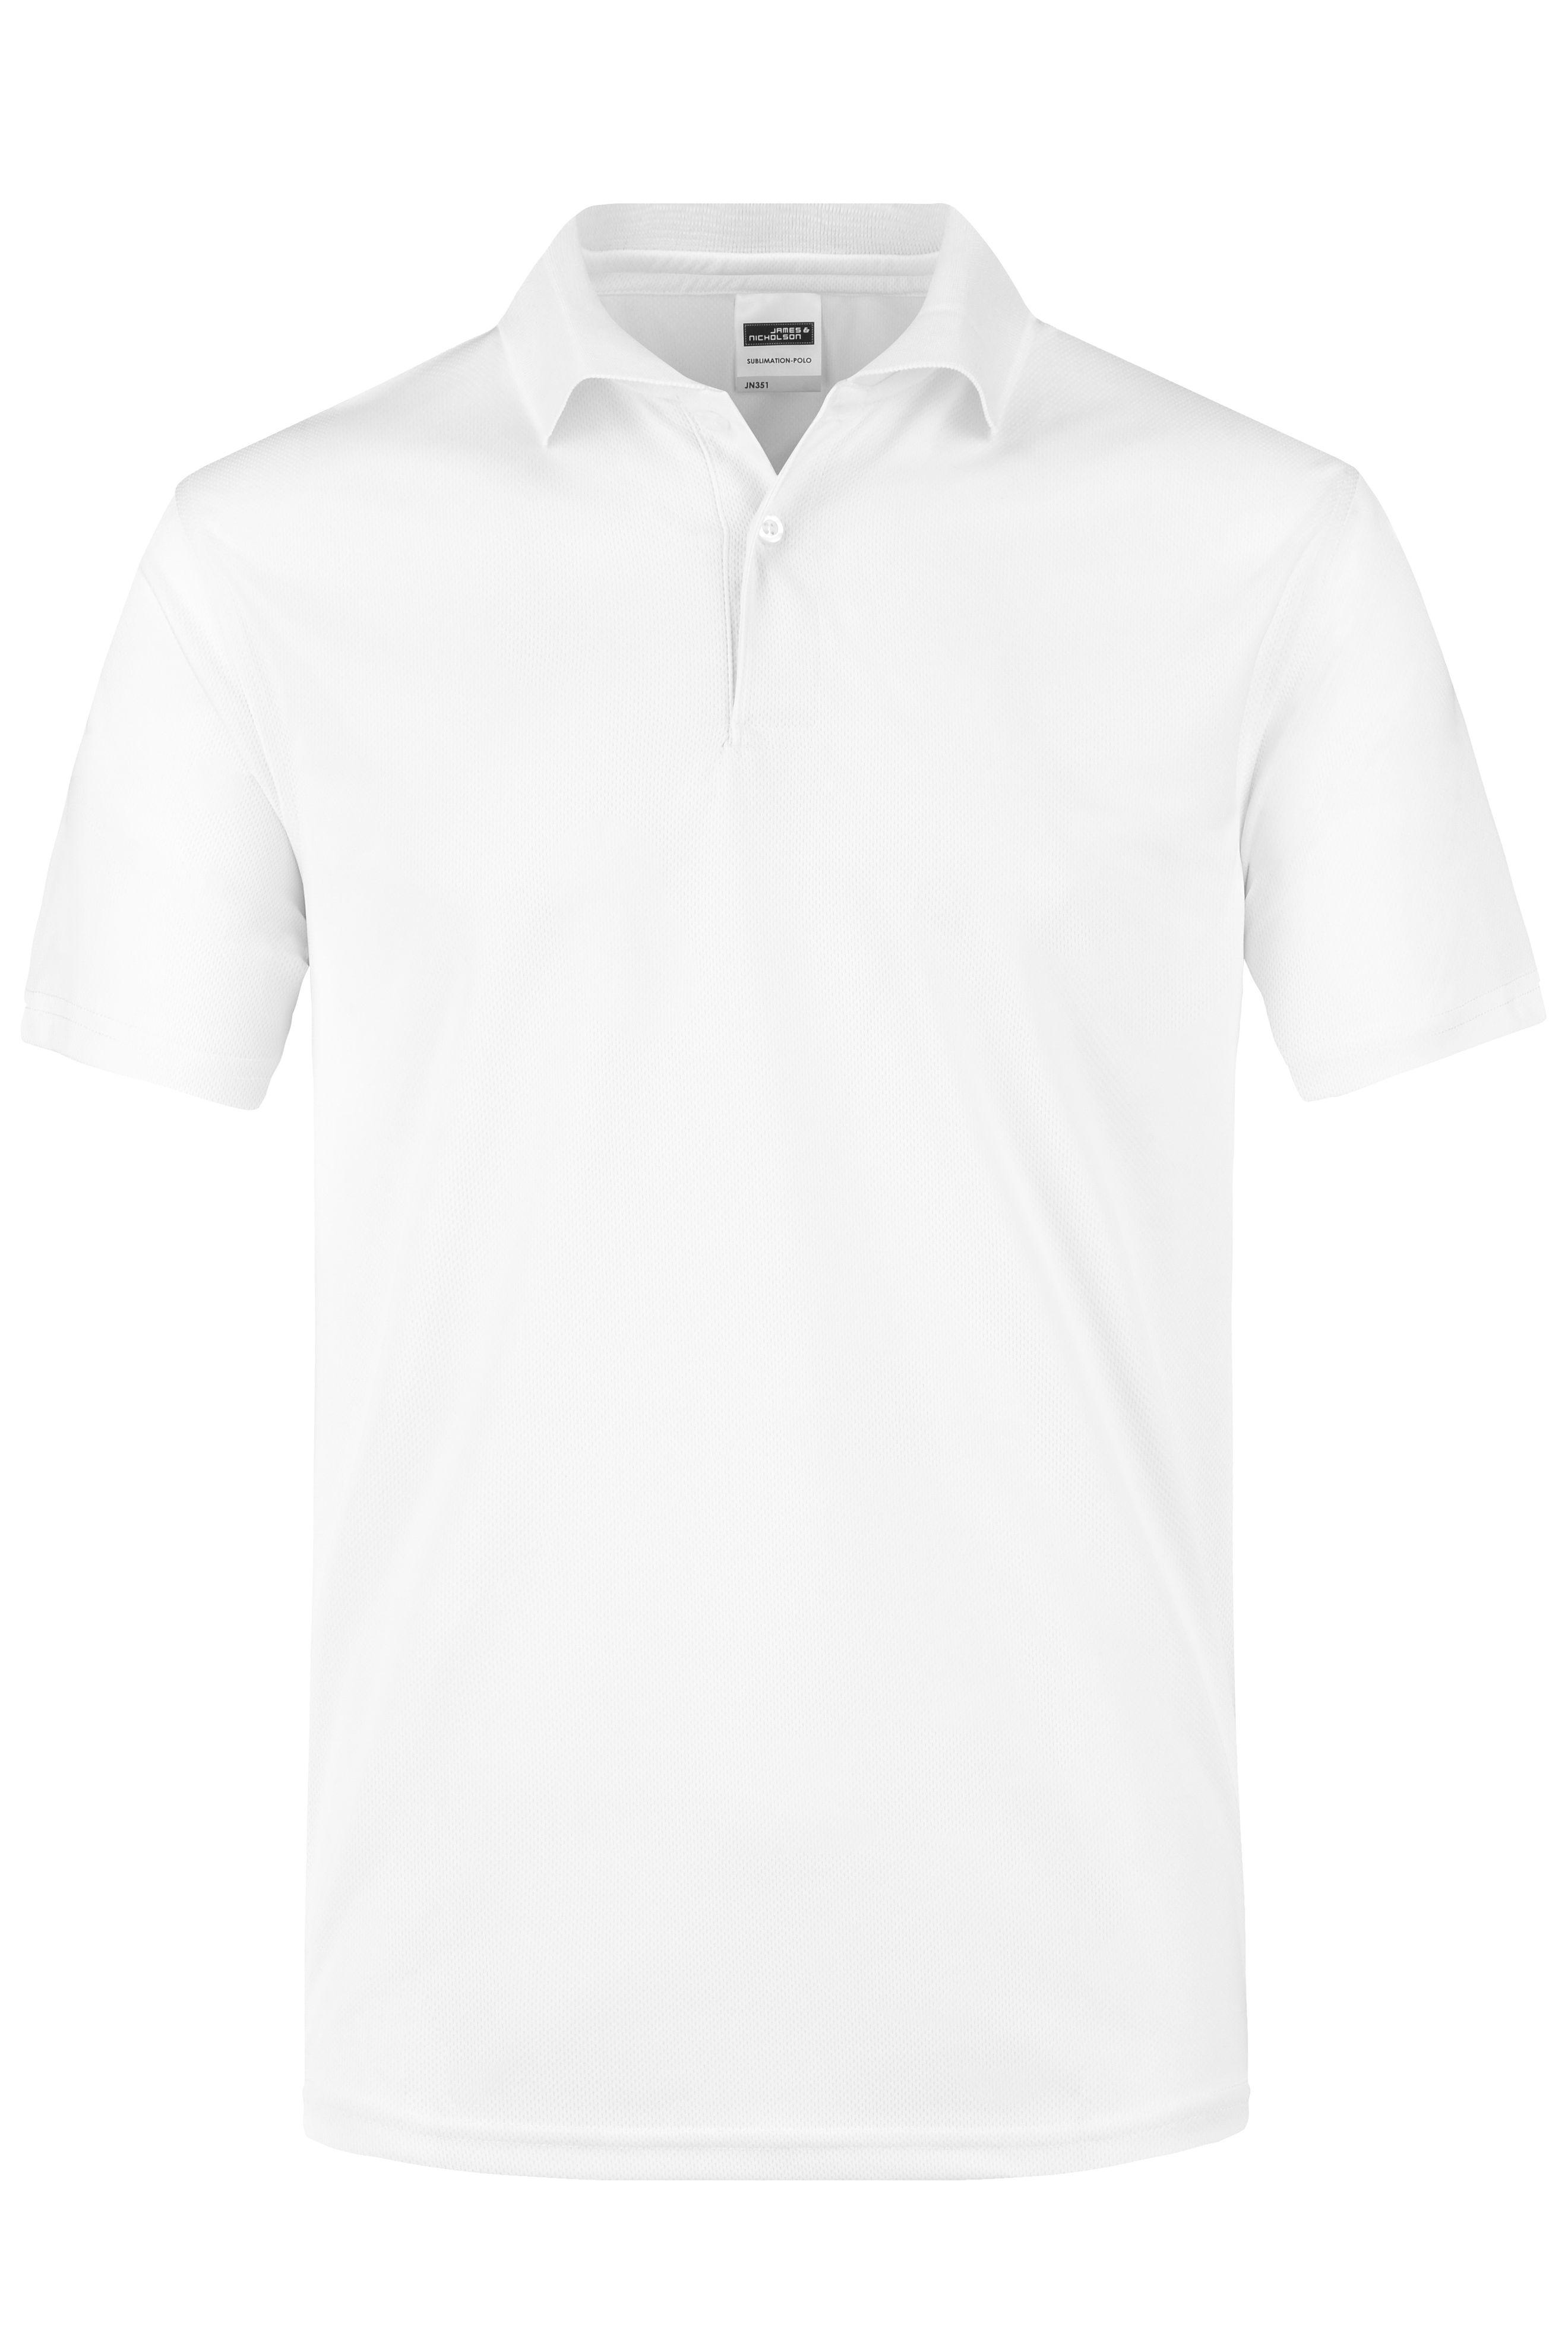 Poloshirt für Sublimationsdruck